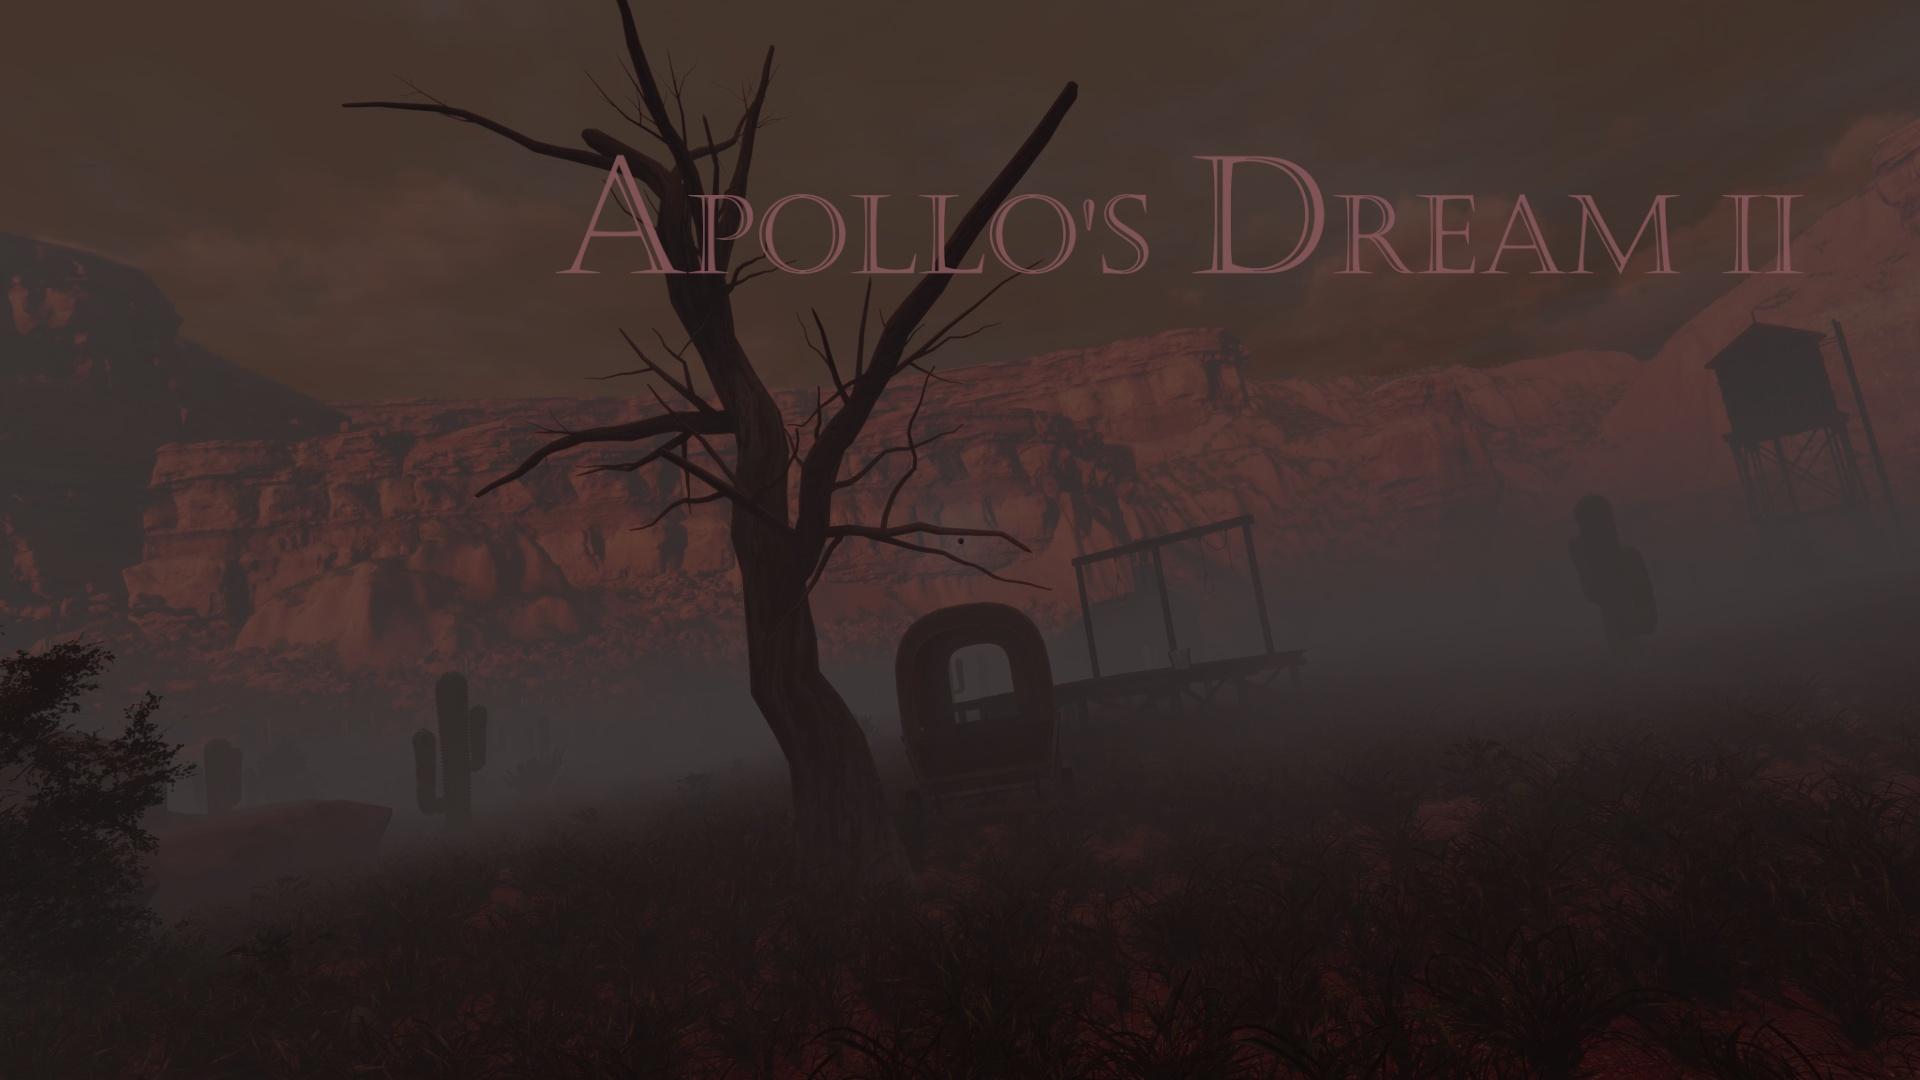 Apollo's Dream II.jpg